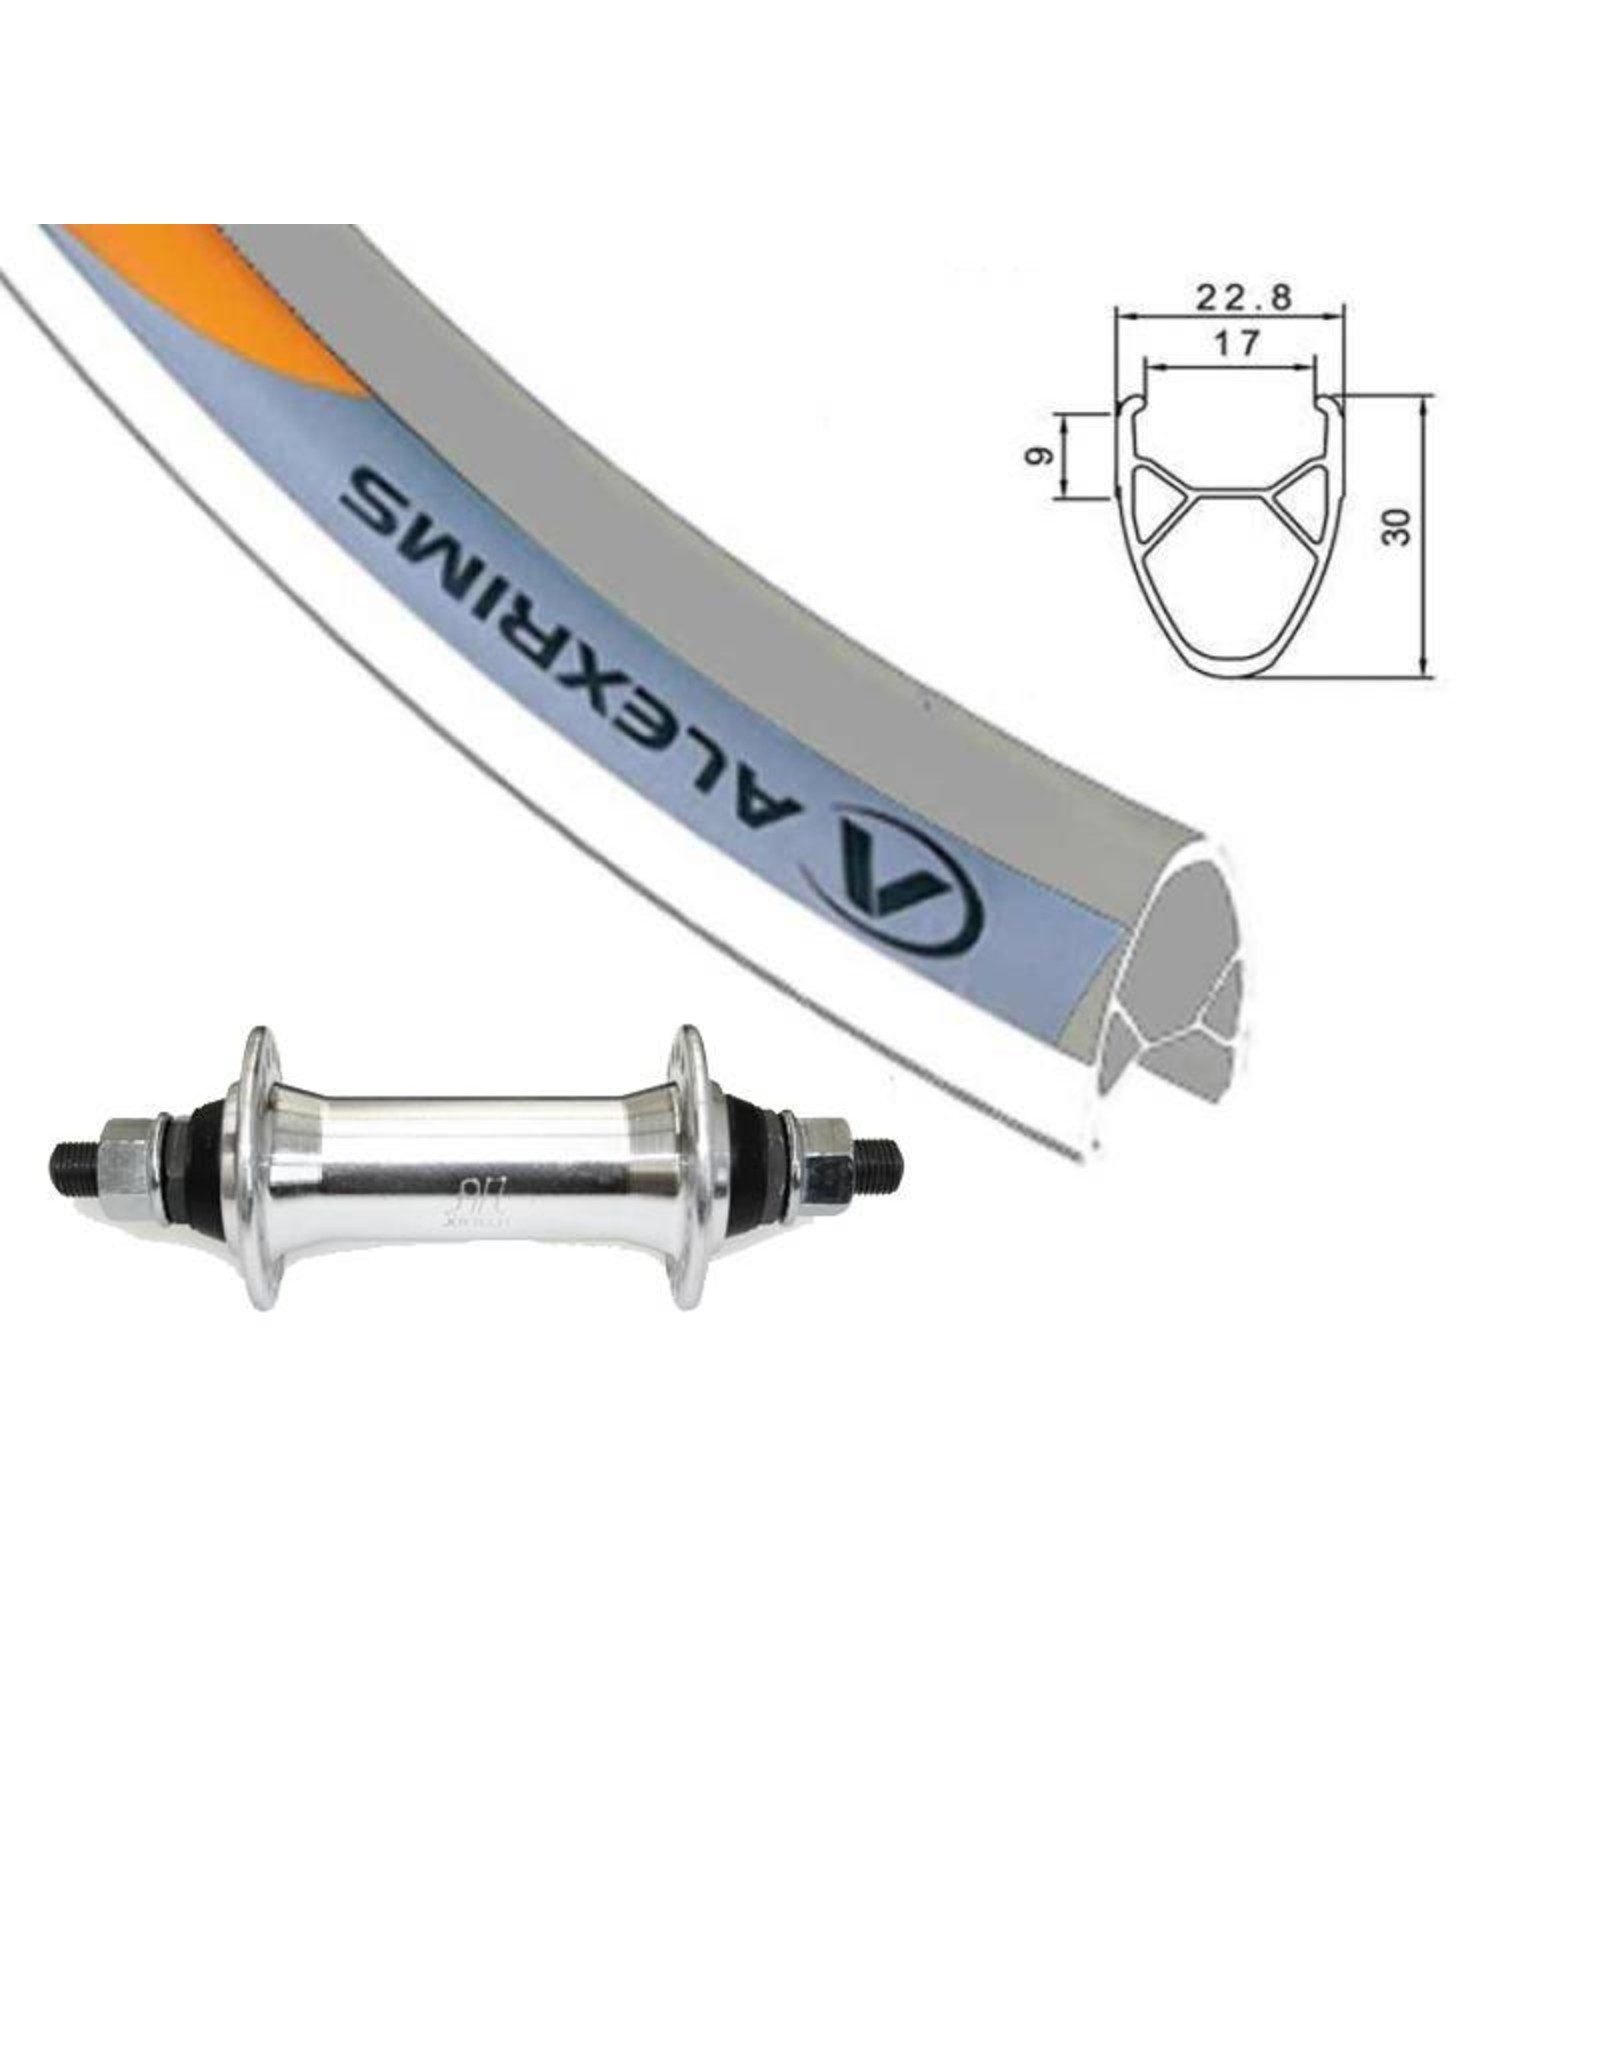 ALEXRIMS Roue AV Hybride 700 G6000 Argent